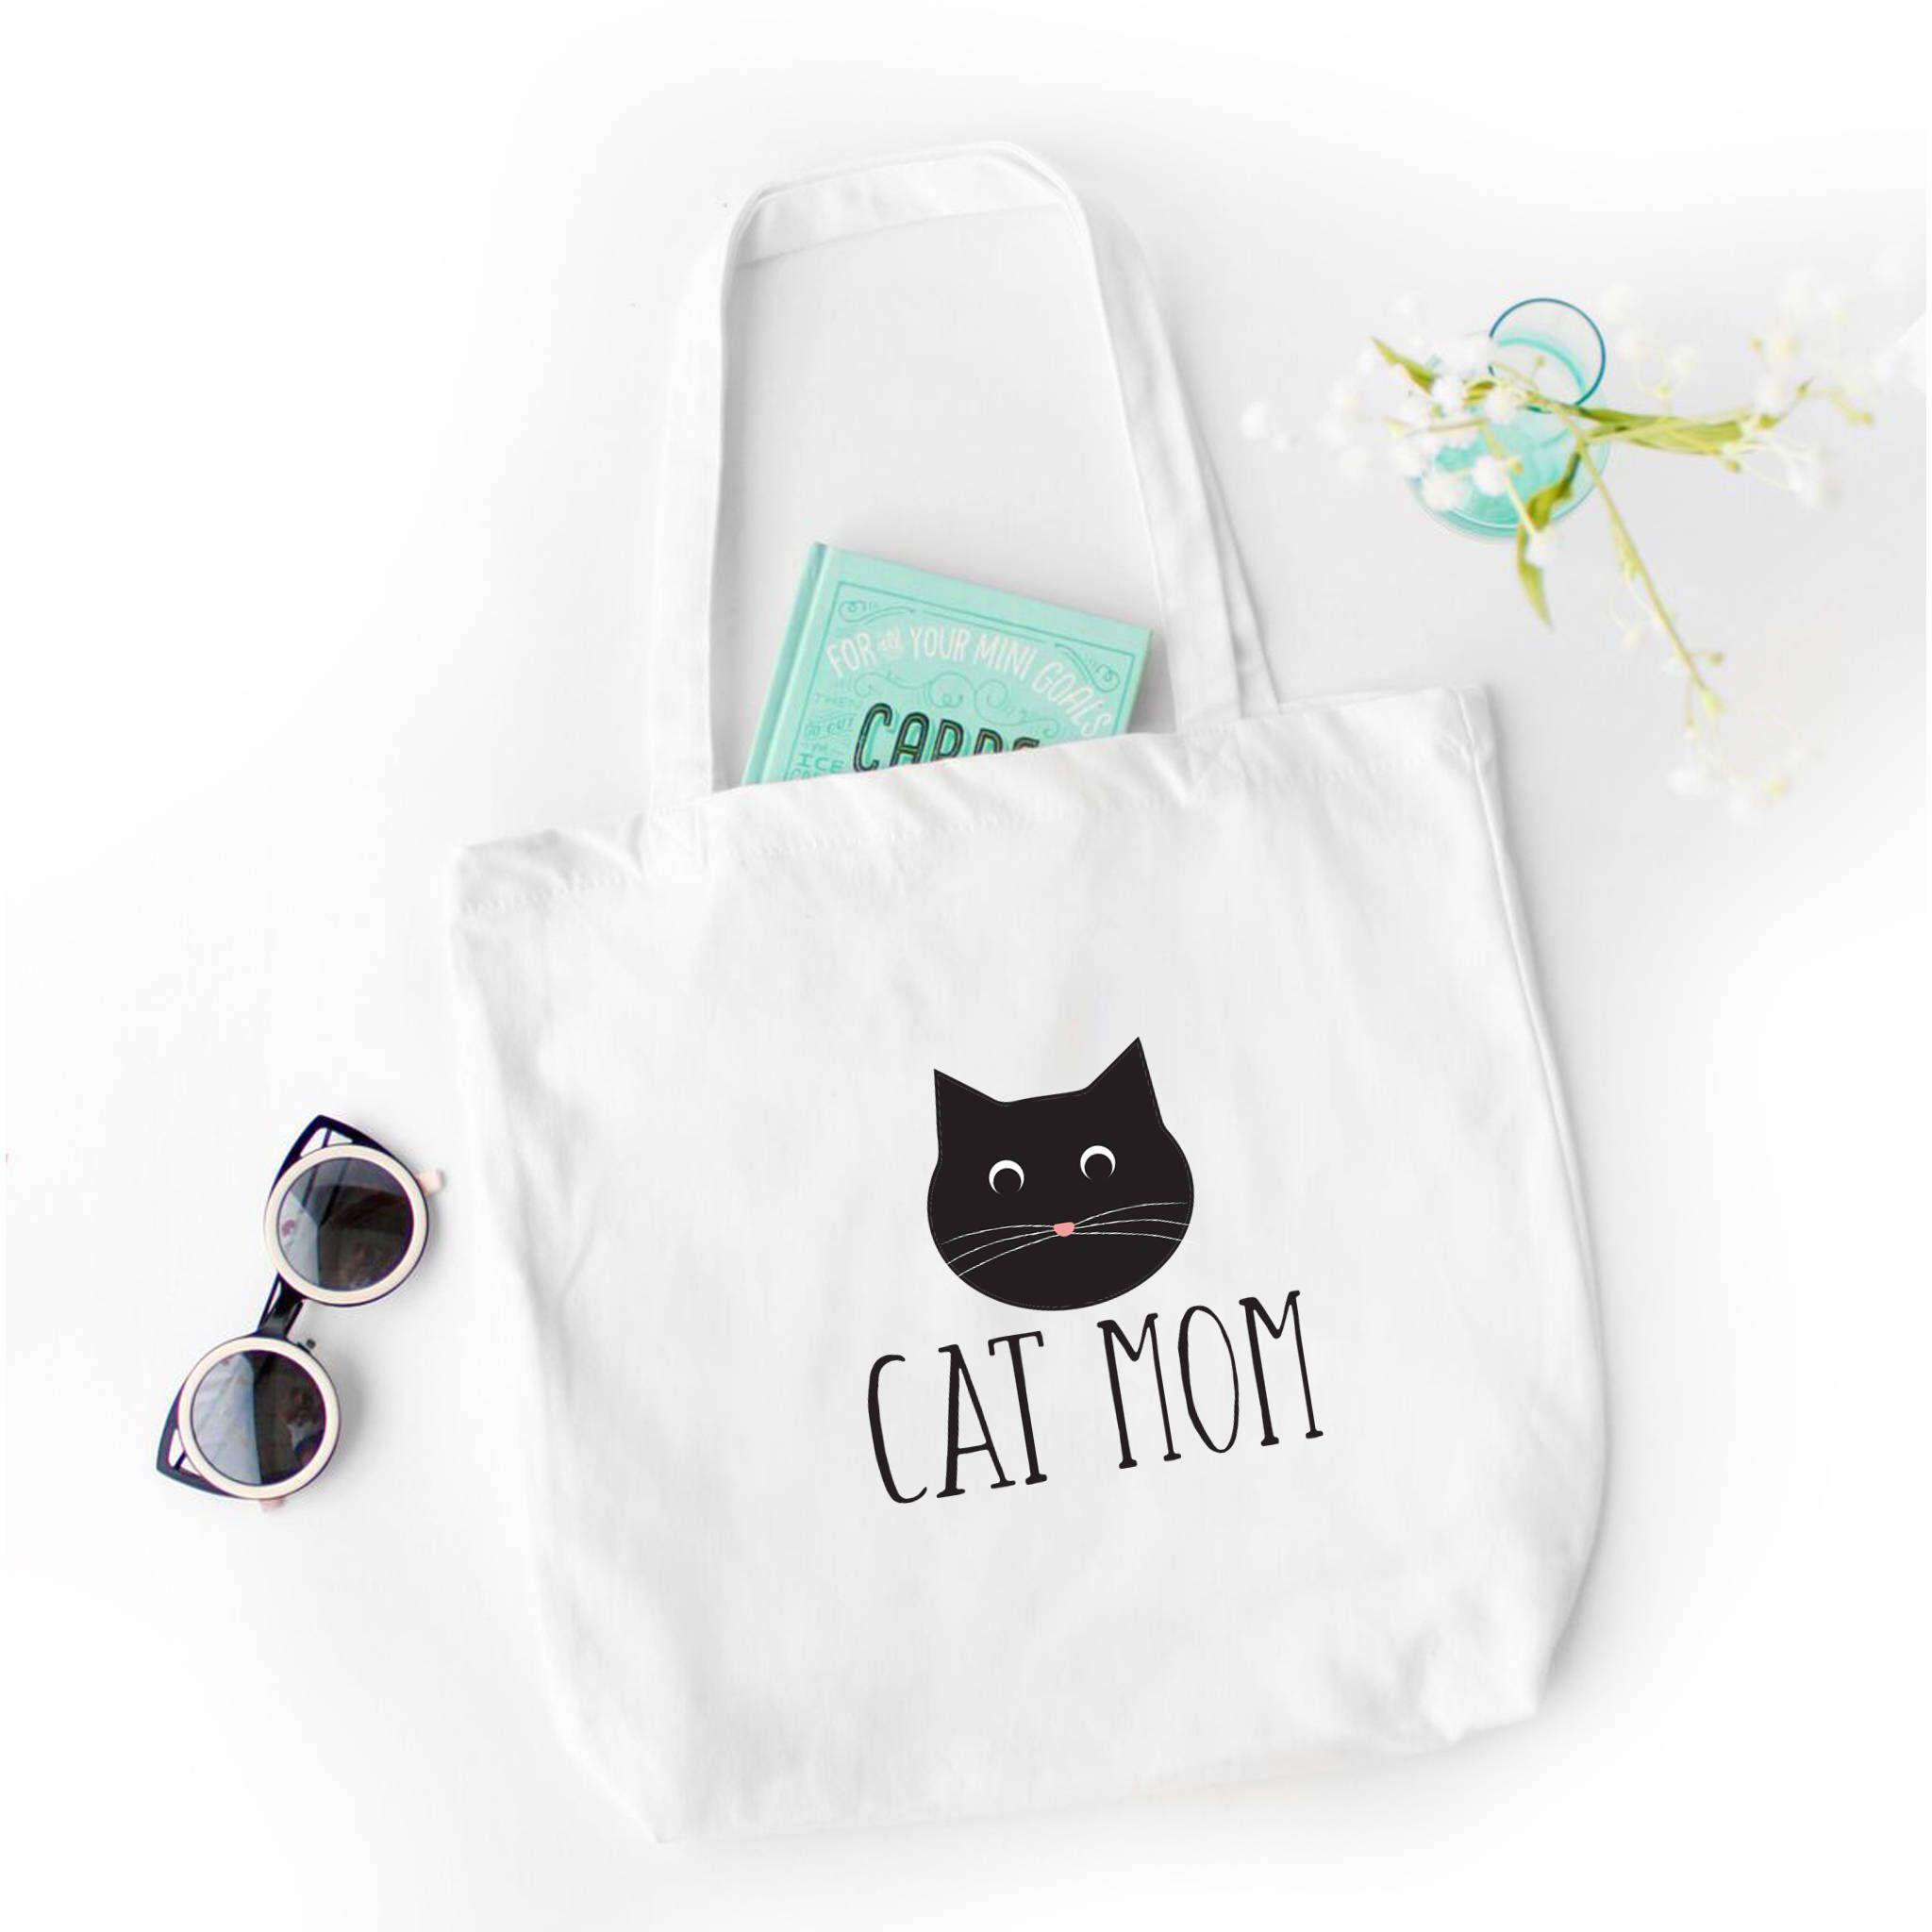 e37b49c7491 Cat Tote Bag, Cat's the way I like it, Funny Tote Bag, Tote